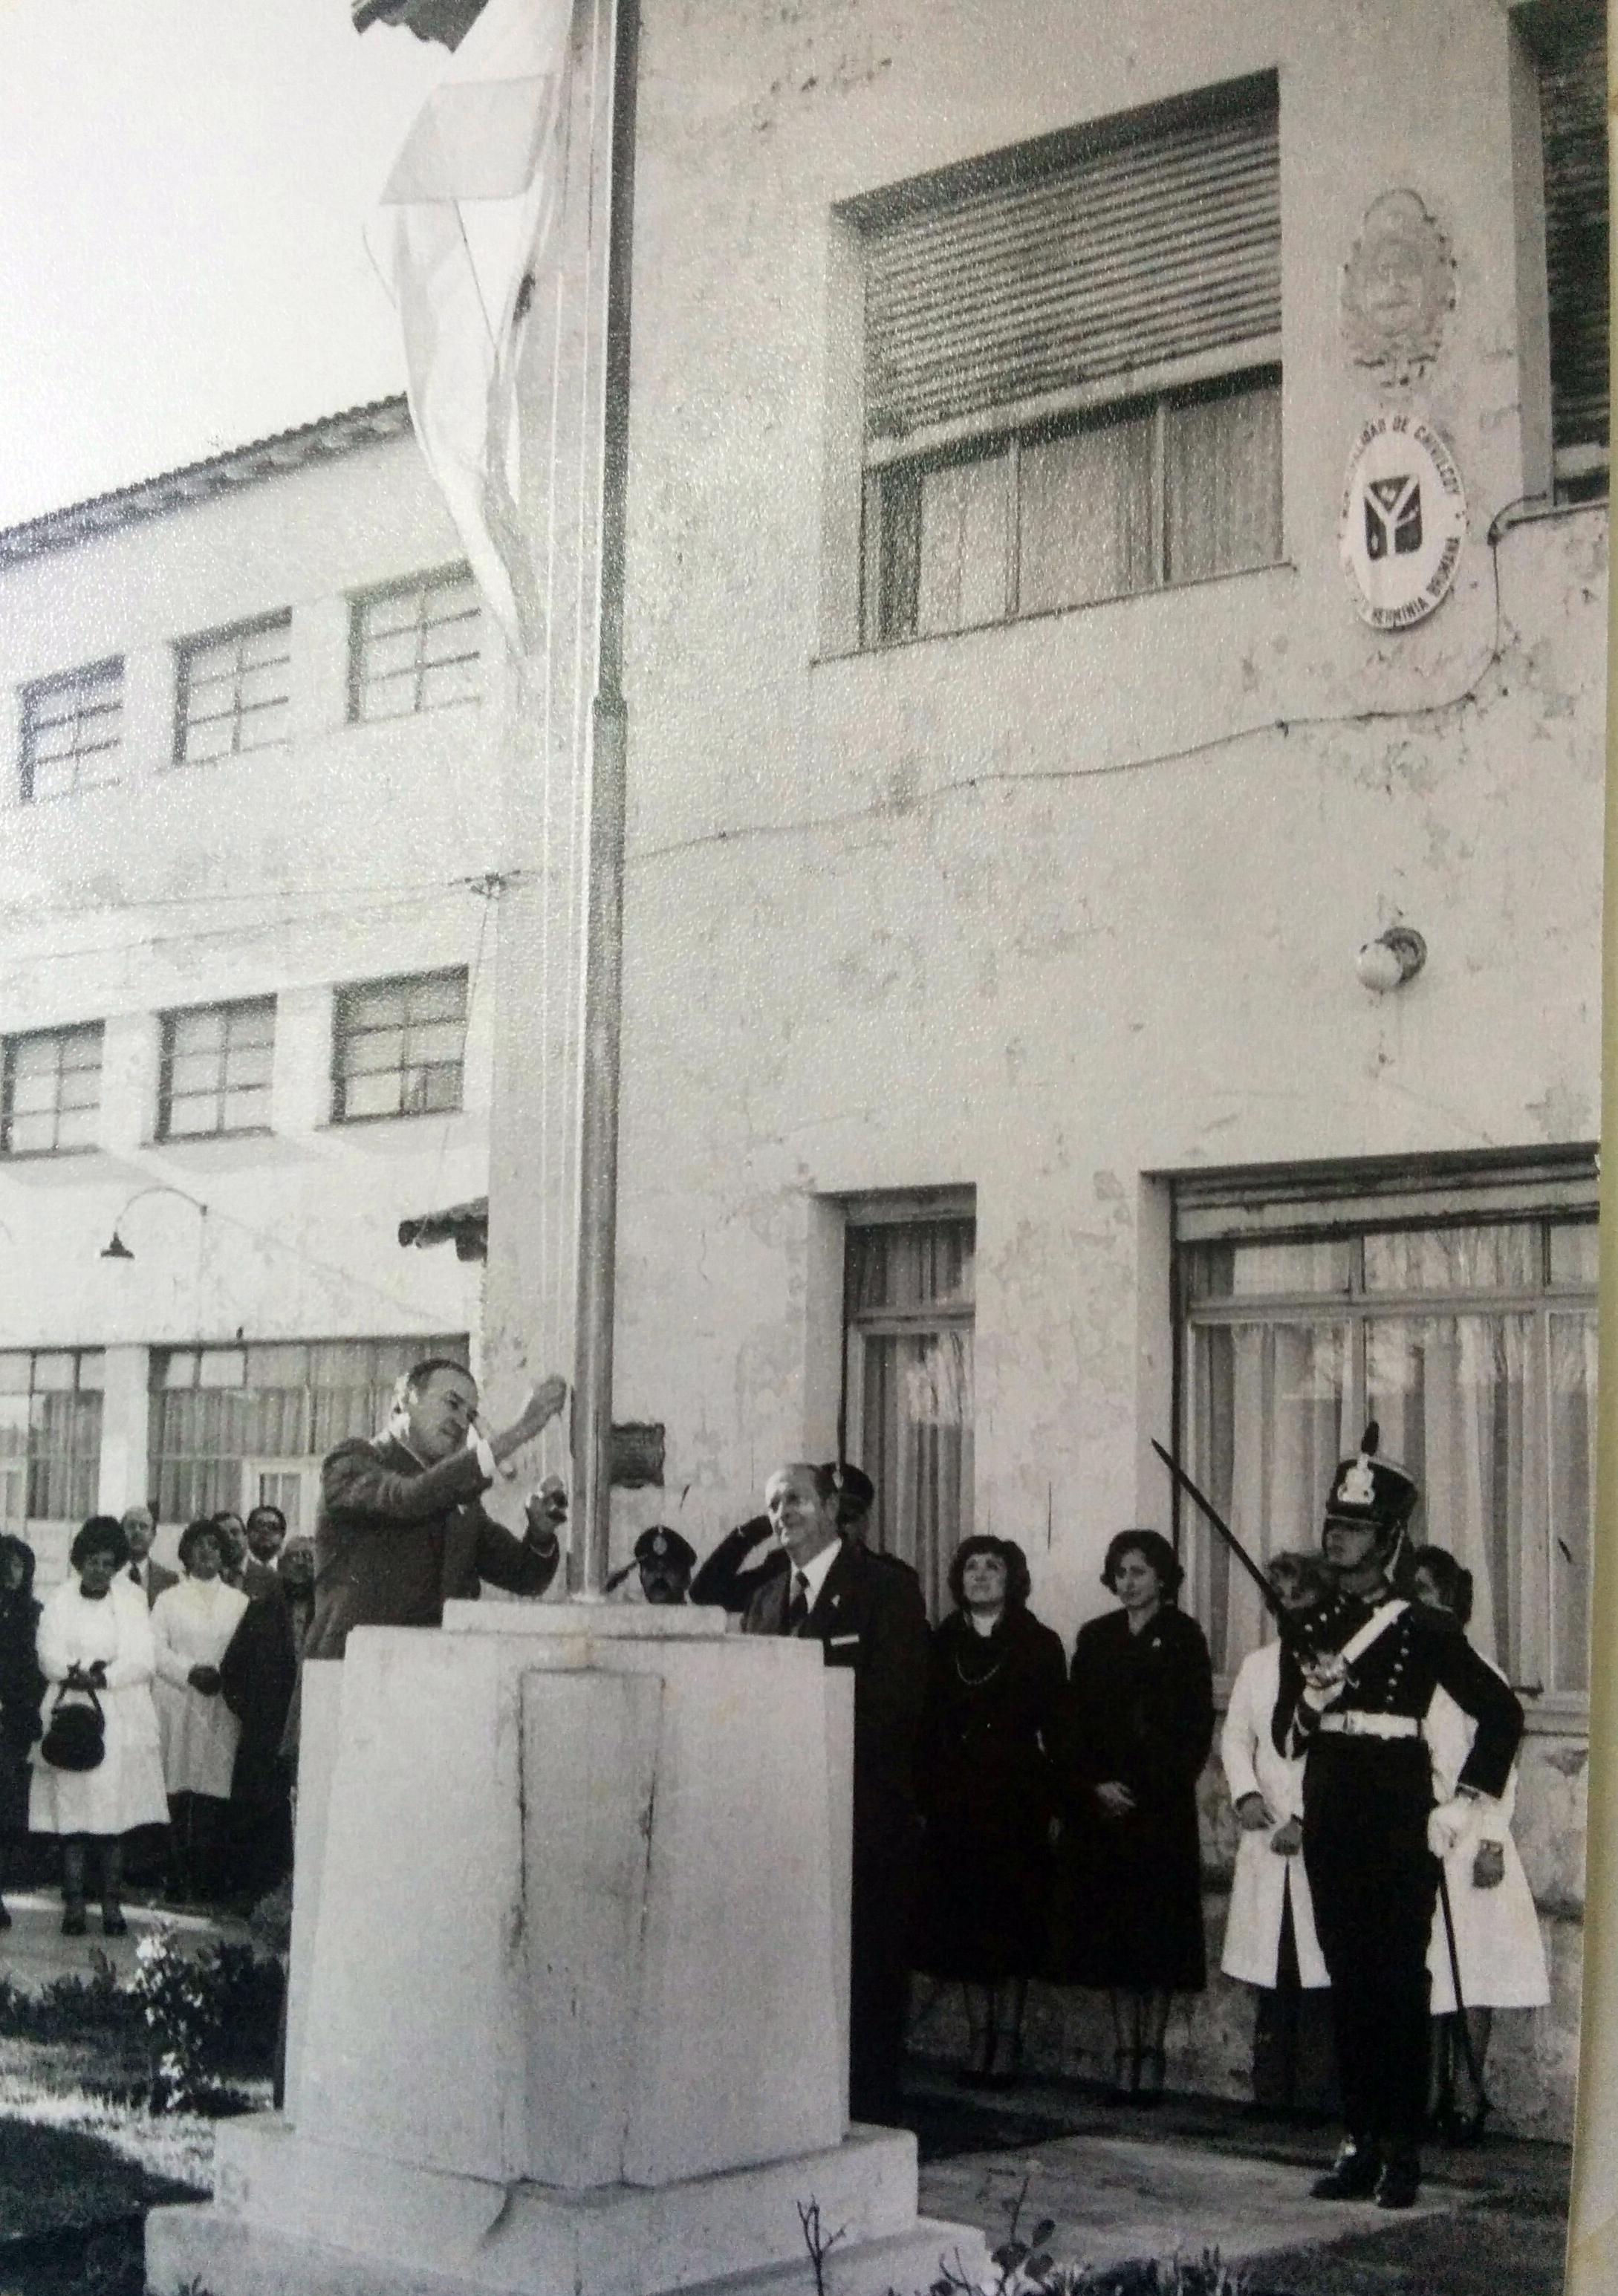 El secretario de Gobierno de la comuna, e intendente municipal interino, agrimensor Héctor Miguel Massino, al izar la bandera, en el mástil del Instituto Brumana, antes del comienzo de una ceremonia oficial. Año 1980.